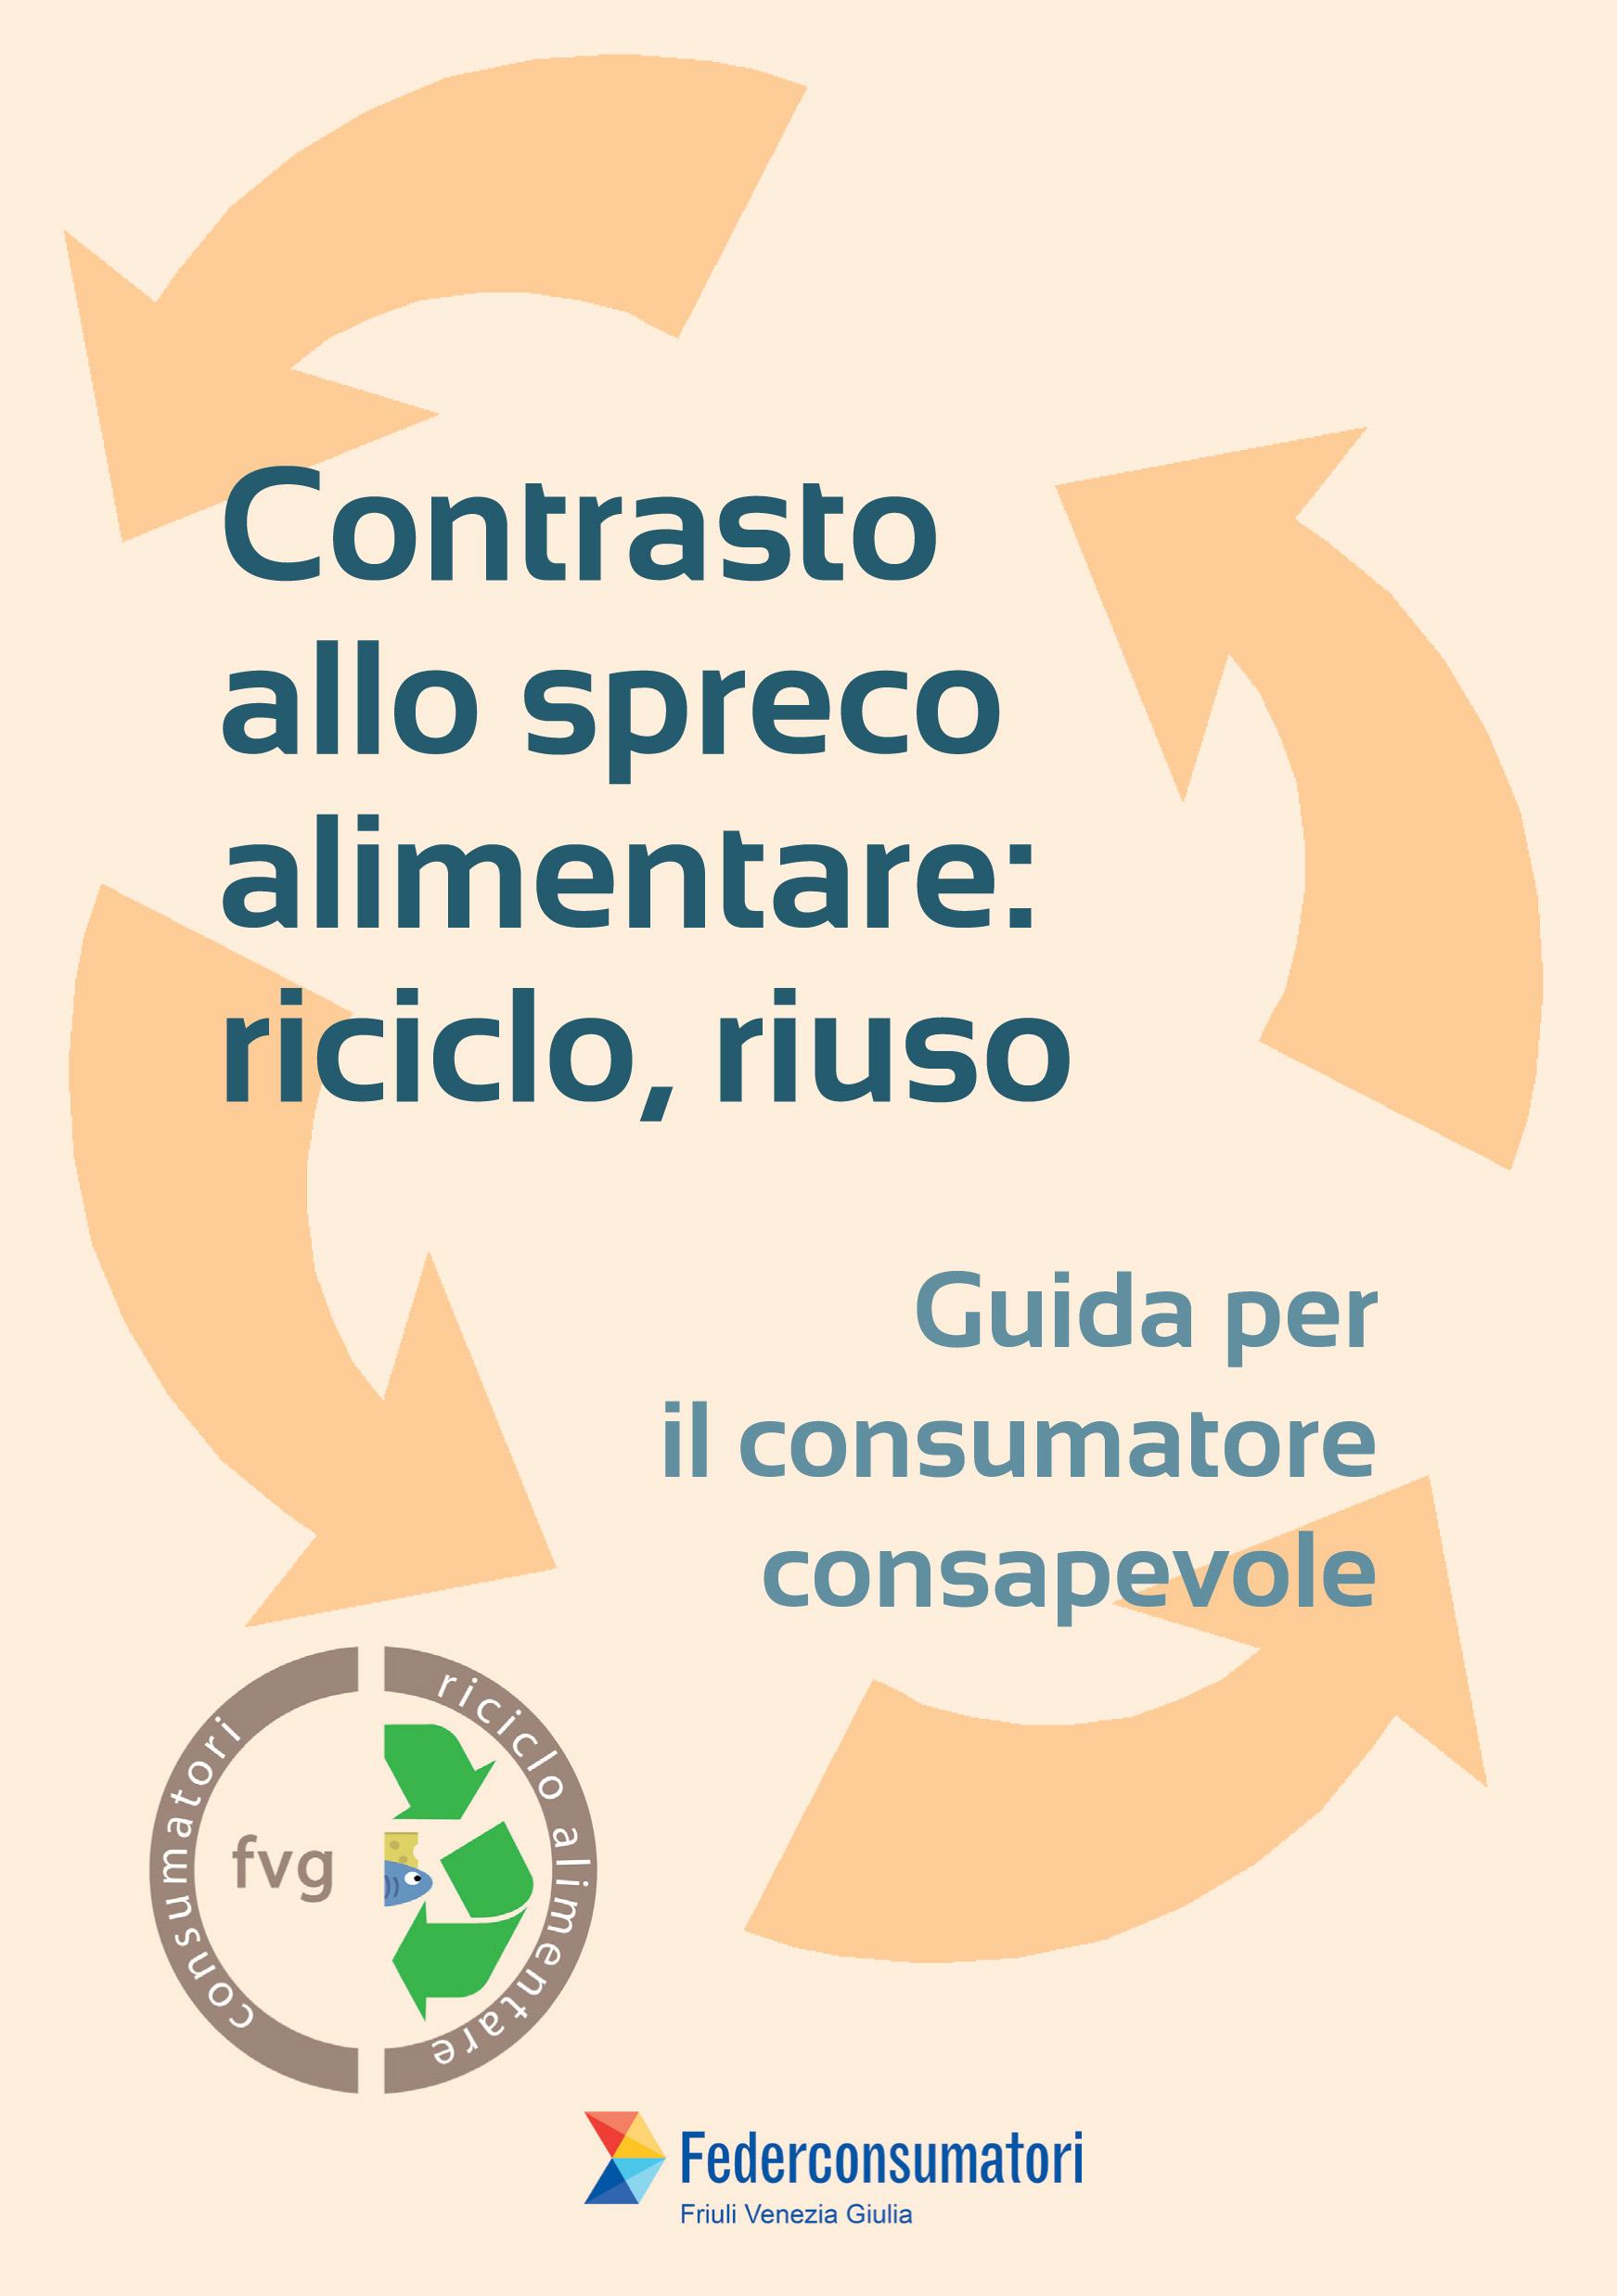 Contrasto allo spreco alimentare, riciclo, riuso